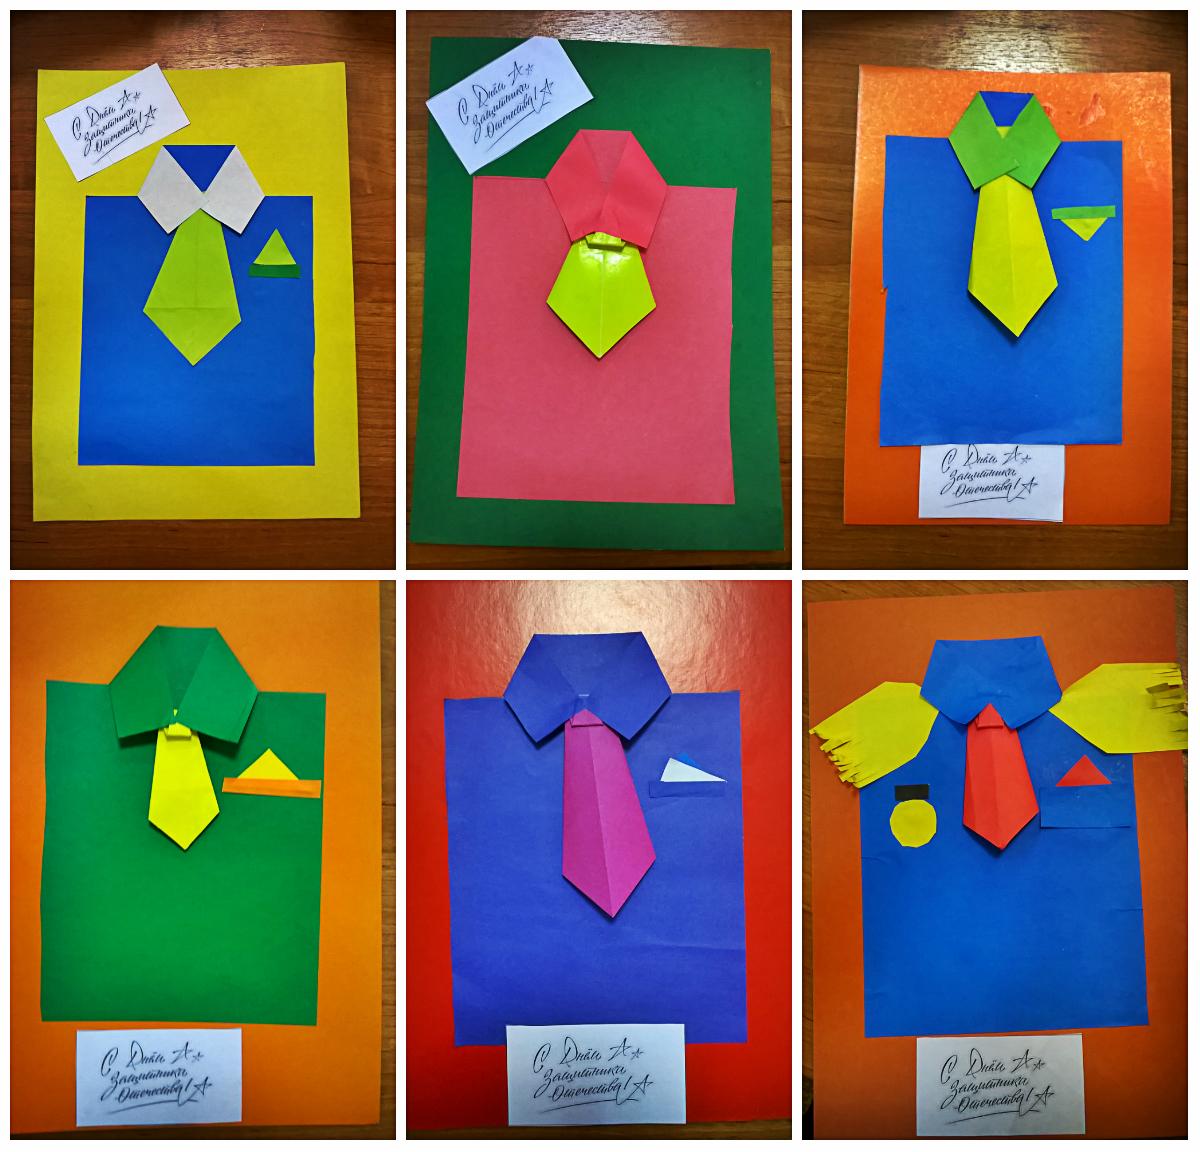 Конец рабочего, открытки дедушке на день рождения своими руками картинки